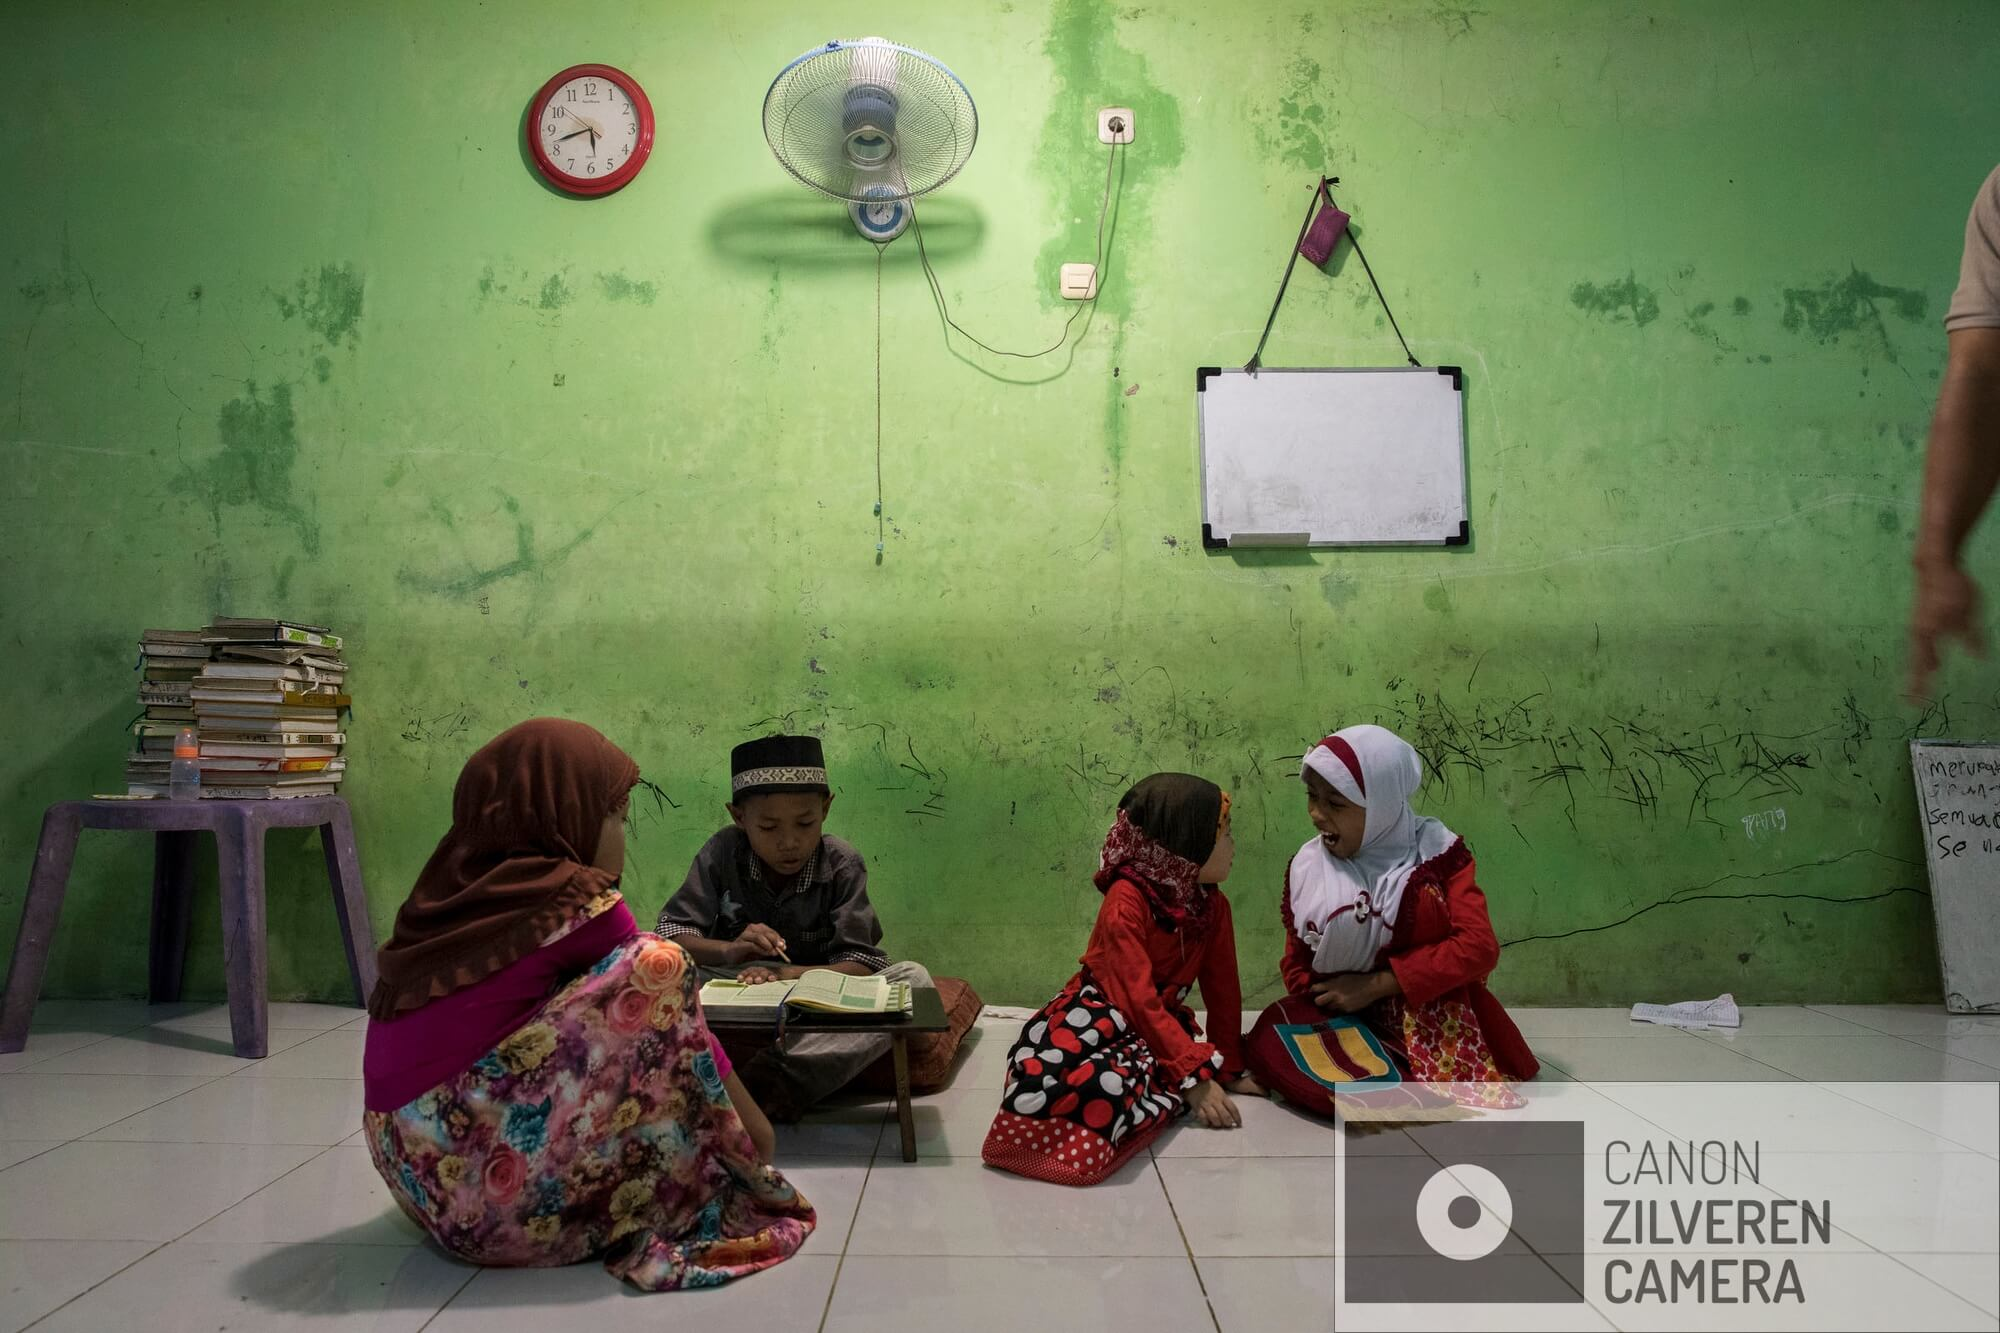 Jakarta zinkt snel, tussen 10-25 centimeter per jaar. Wanneer niets wordt gedaan zal de stad over 20-3- jaar voor een derde permanent onder water staan. Veel water gerelateerde problemen worden toegeschreven aan klimaatverandering en de verwachte zeespiegelstijging die daarmee samenhangt. Bodemdaling is onbekend en zal de absolute zeespiegelstijging tot een factor 10 overschrijden. Jakarta vertrouwd op een oude zeewering om de stad te beschermen tegen zee. Echter door bodemdaling zinkt deze muur snel weg in de grond en biedt weinig bescherming tegen het water. Zware regenval en een hoge rivierwater stand zorgen nu al voor problemen: de stad is veranderd in een omgekeerd aquarium. De zee is niet meer het laagste punt, het water kan nergens meer heen.De waterlijn in de Koran school in Muara Baru is een stille getuige van de laatste overstroming. Serie gemaakt tussen 2015 en 2018